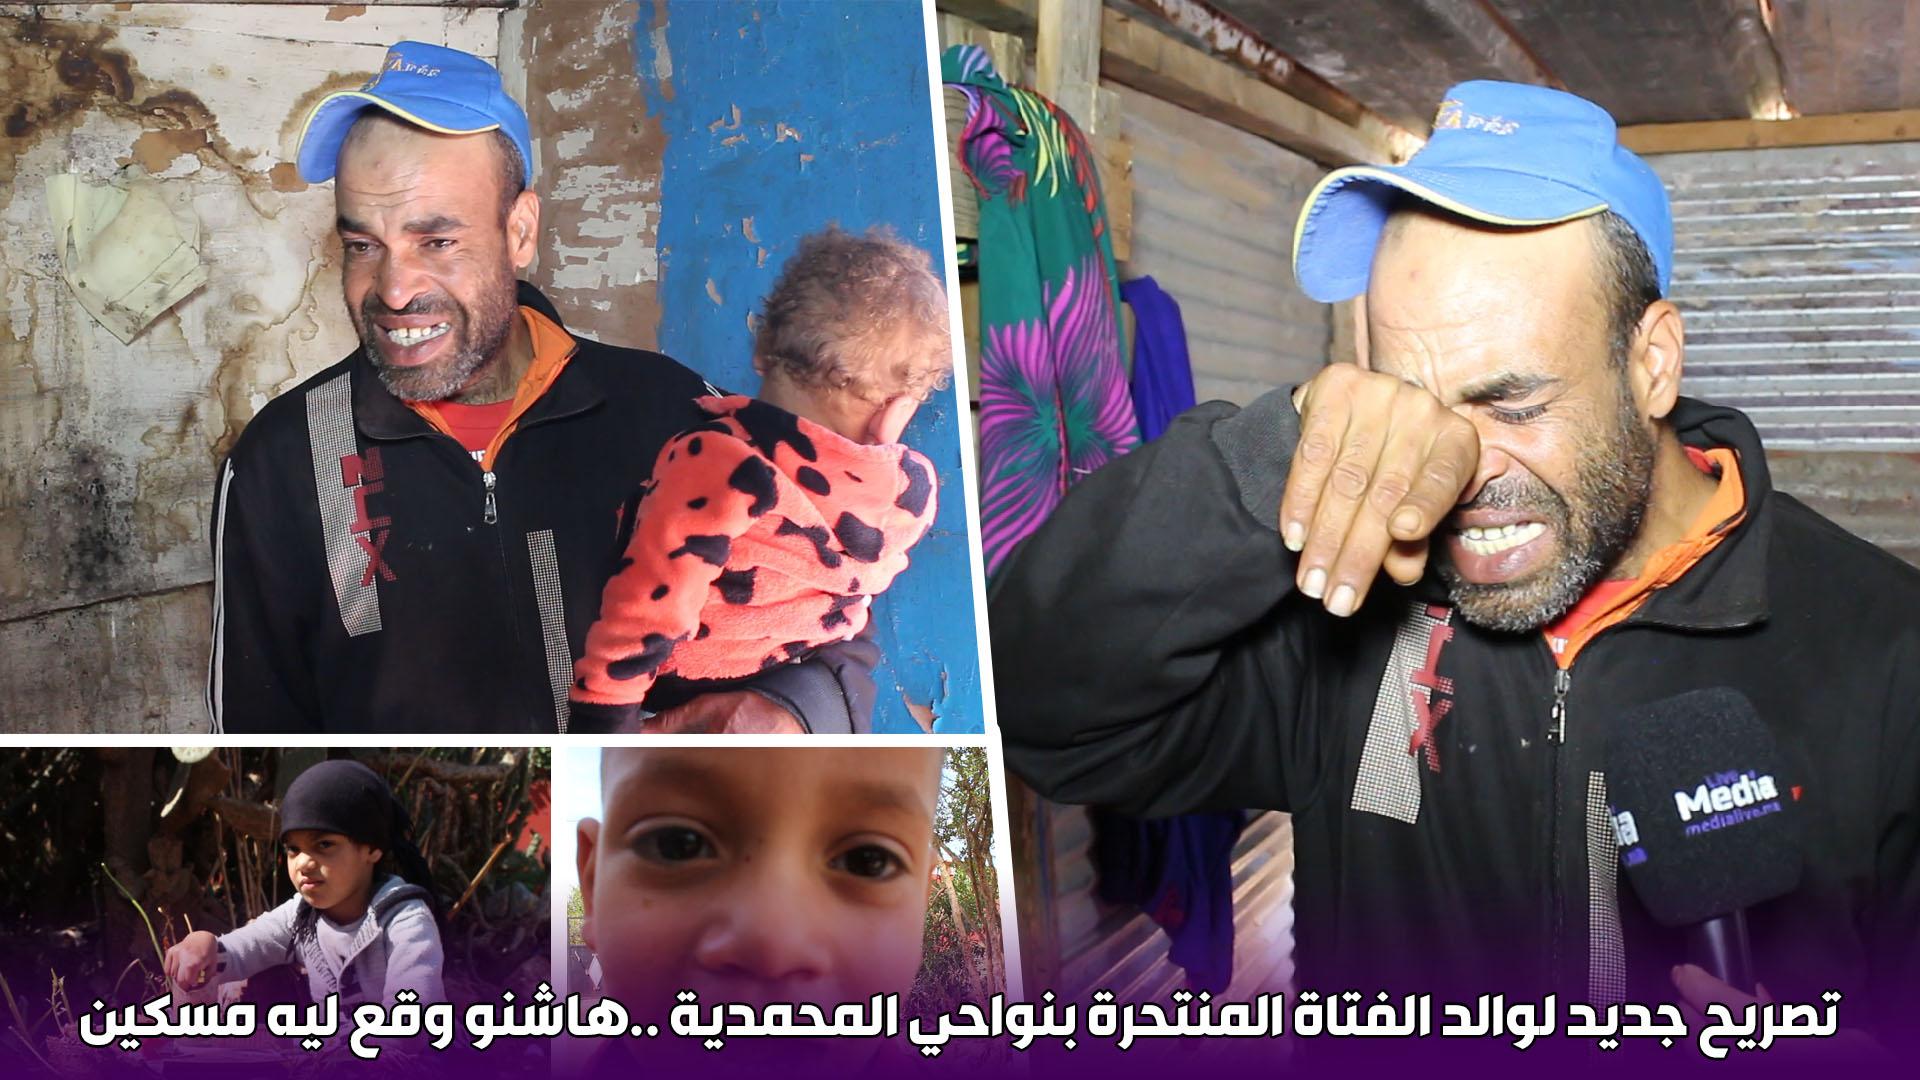 تصريح جديد لوالد الفتاة المنتحرة بنواحي المحمدية ..هاشنو وقع ليه مسكين